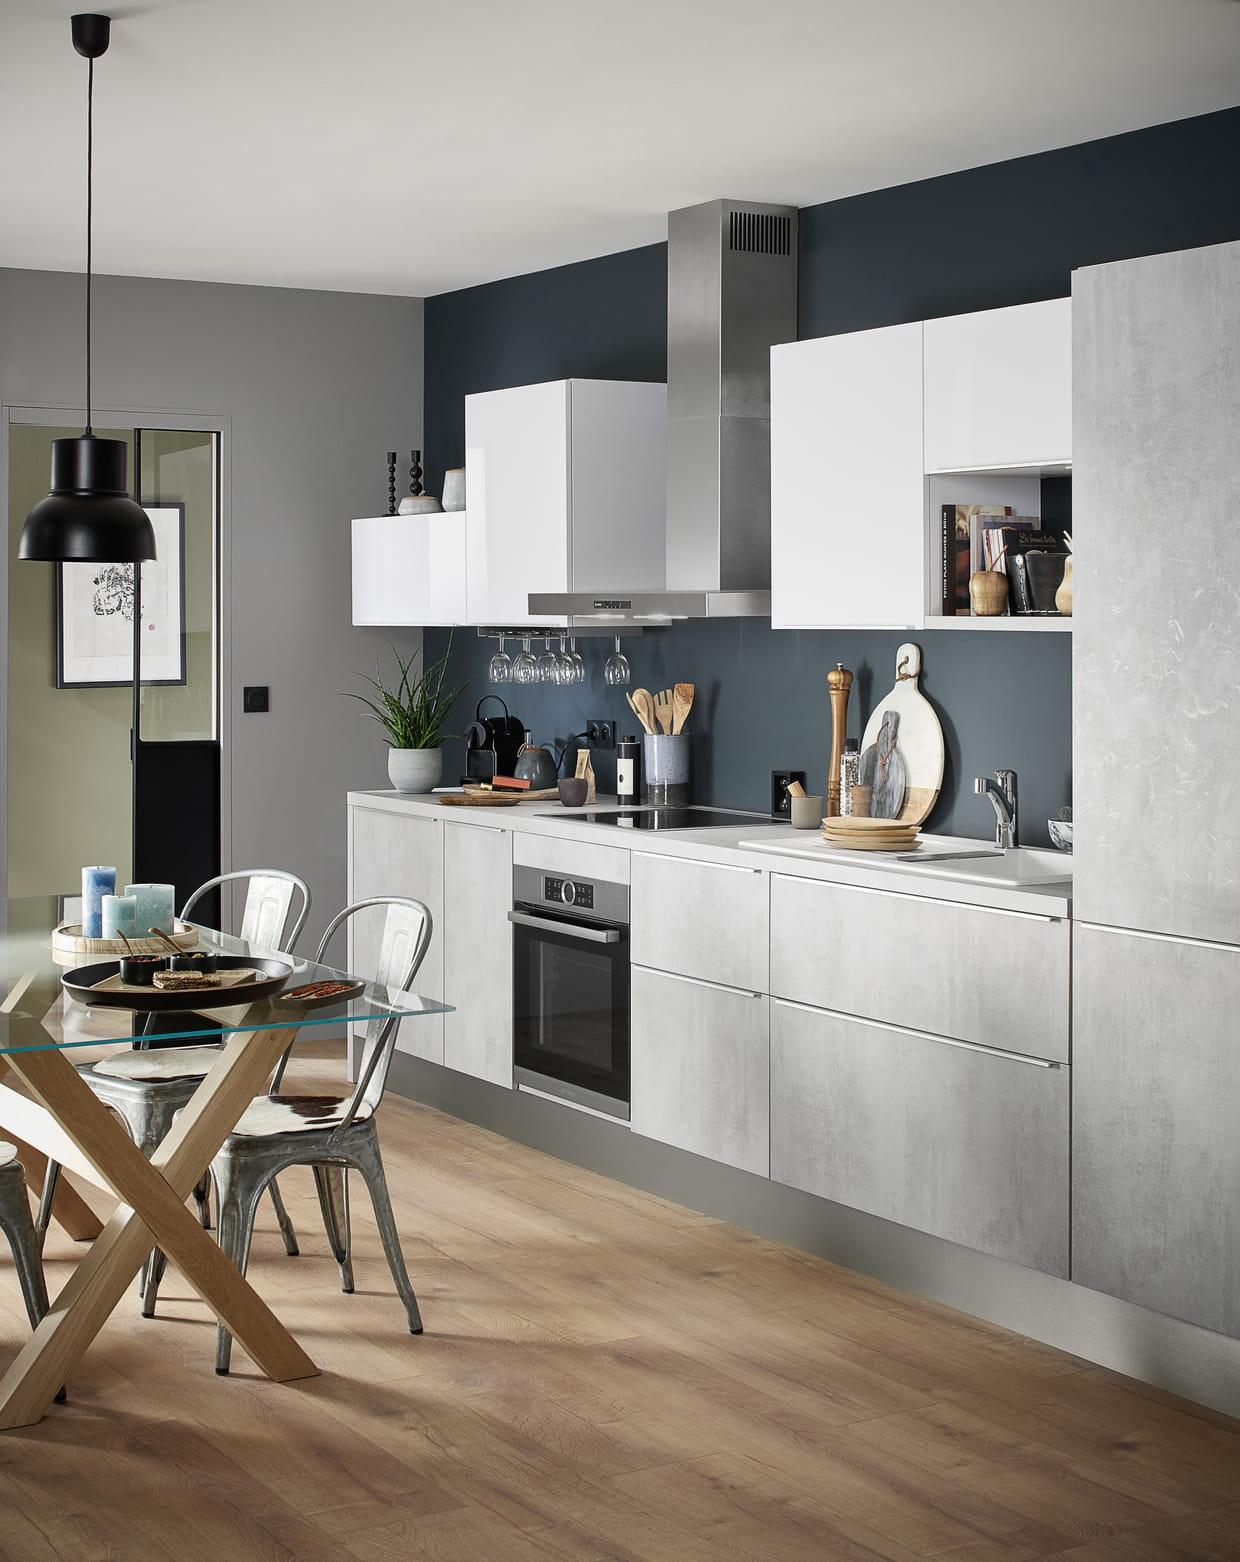 cuisine eyre de lapeyre. Black Bedroom Furniture Sets. Home Design Ideas